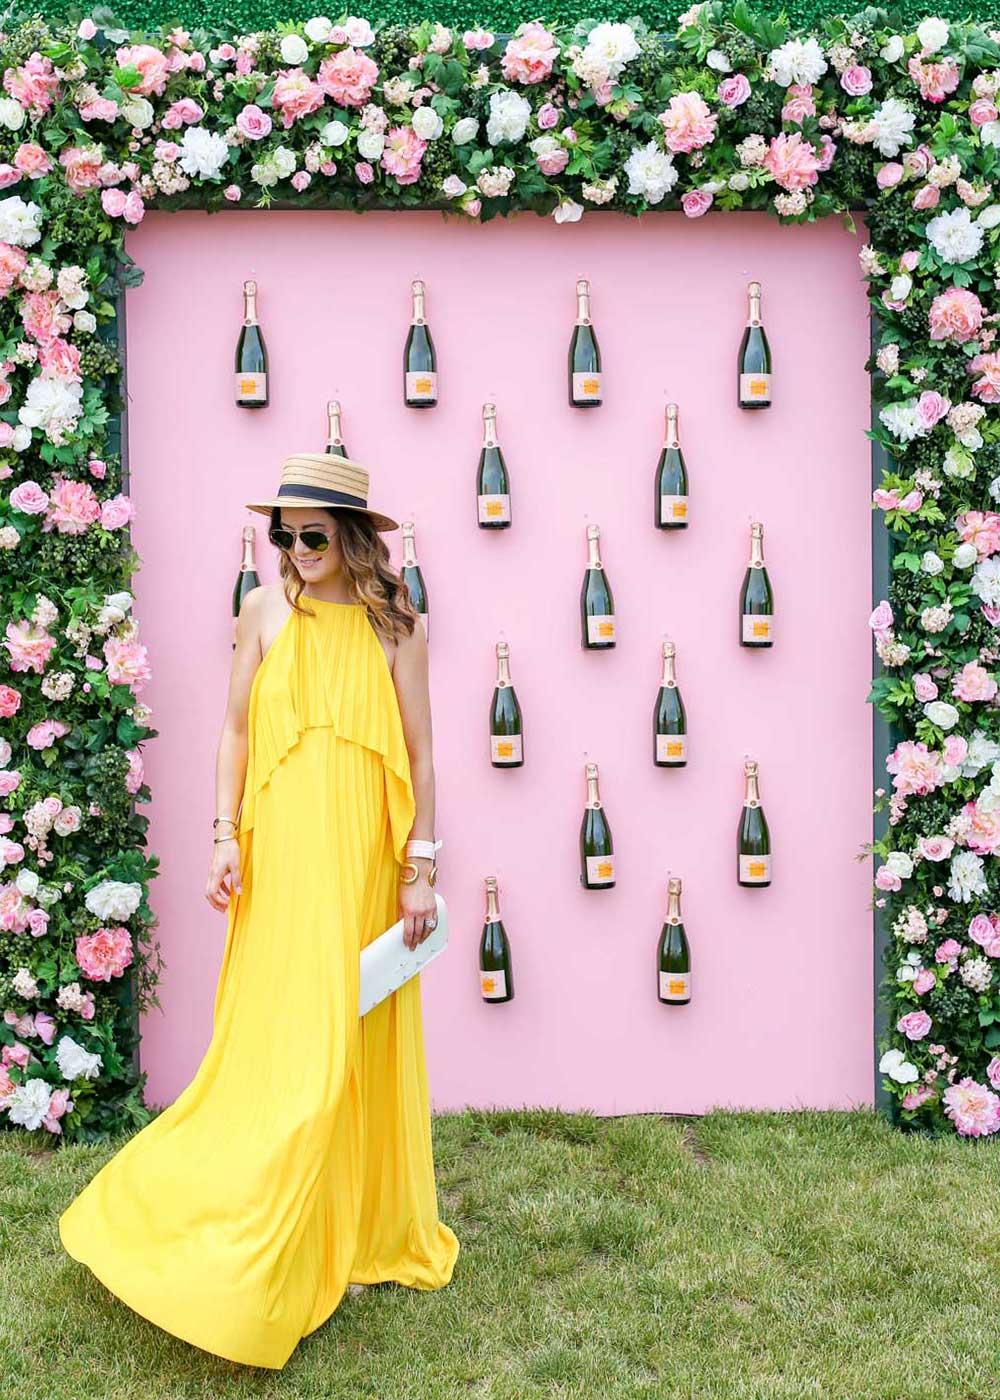 Veuve Clicquot Polo Classic 2016 NYC